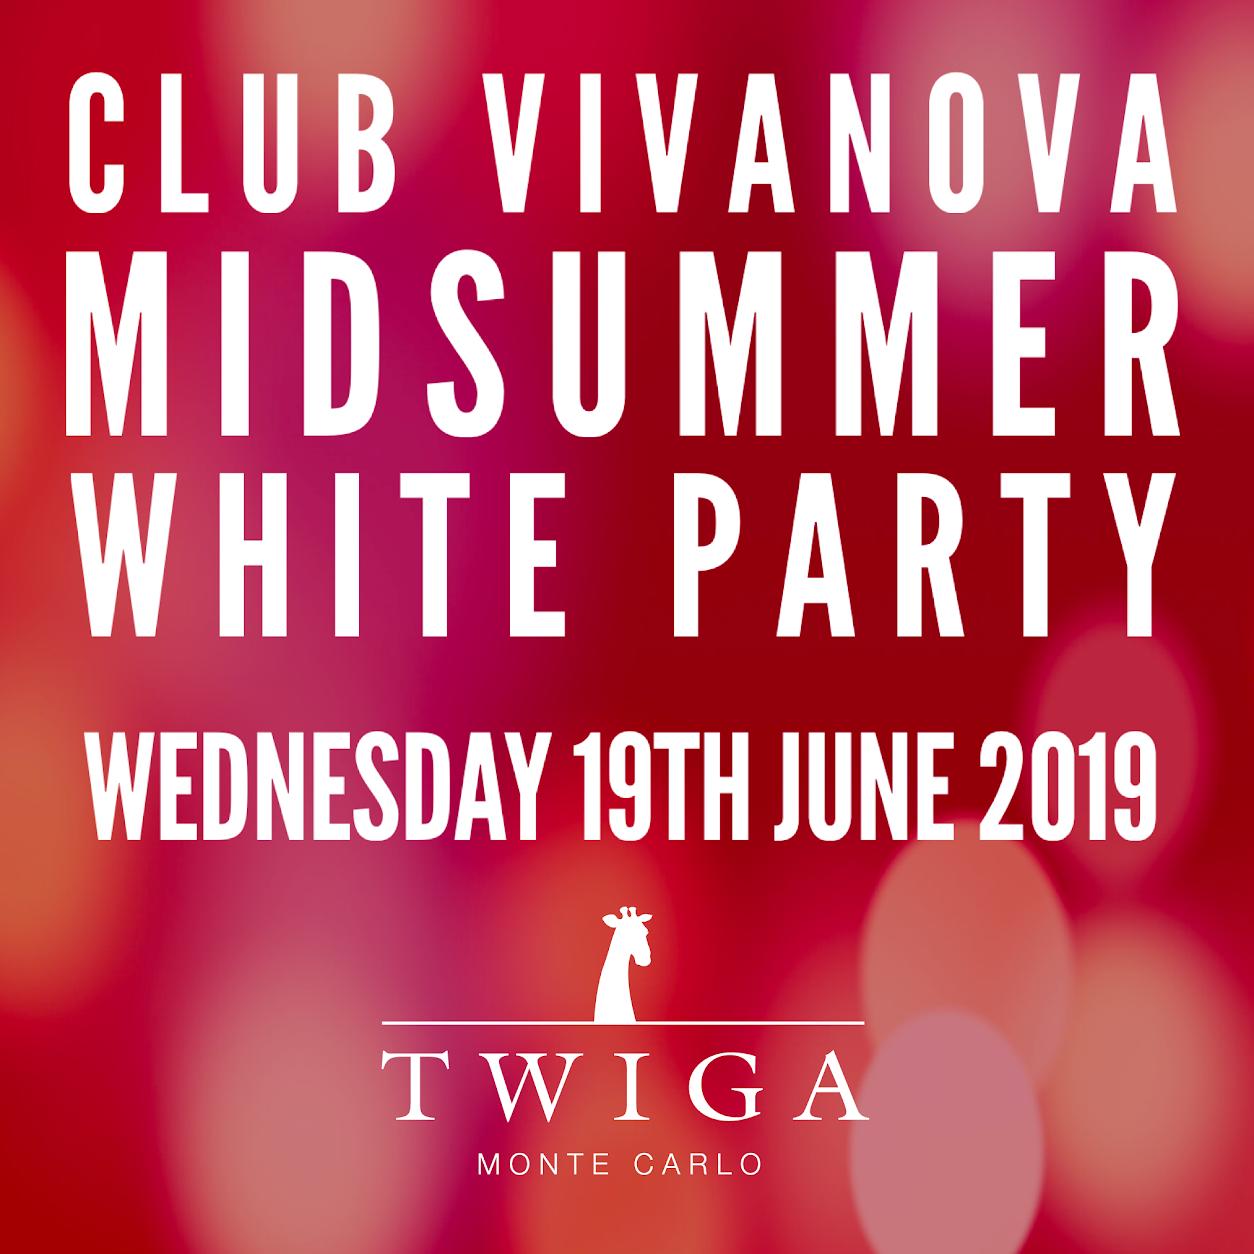 MONTE CARLO Midsummer Sauvignon Blanc White Party TWIGA Monte Carlo